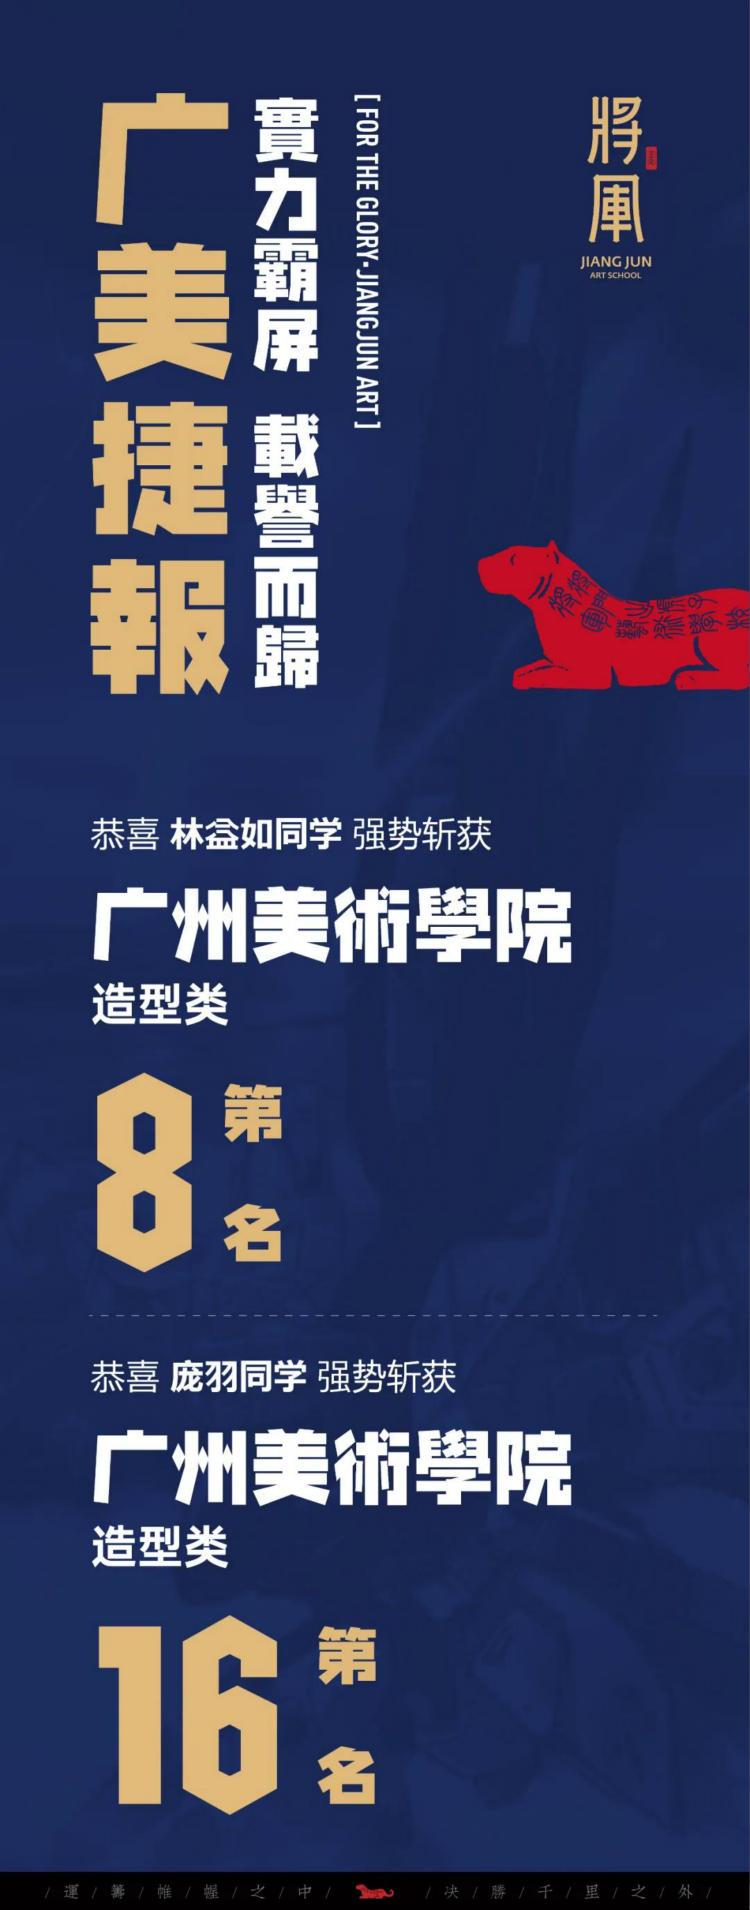 将军画室广州美术学院高分学子1